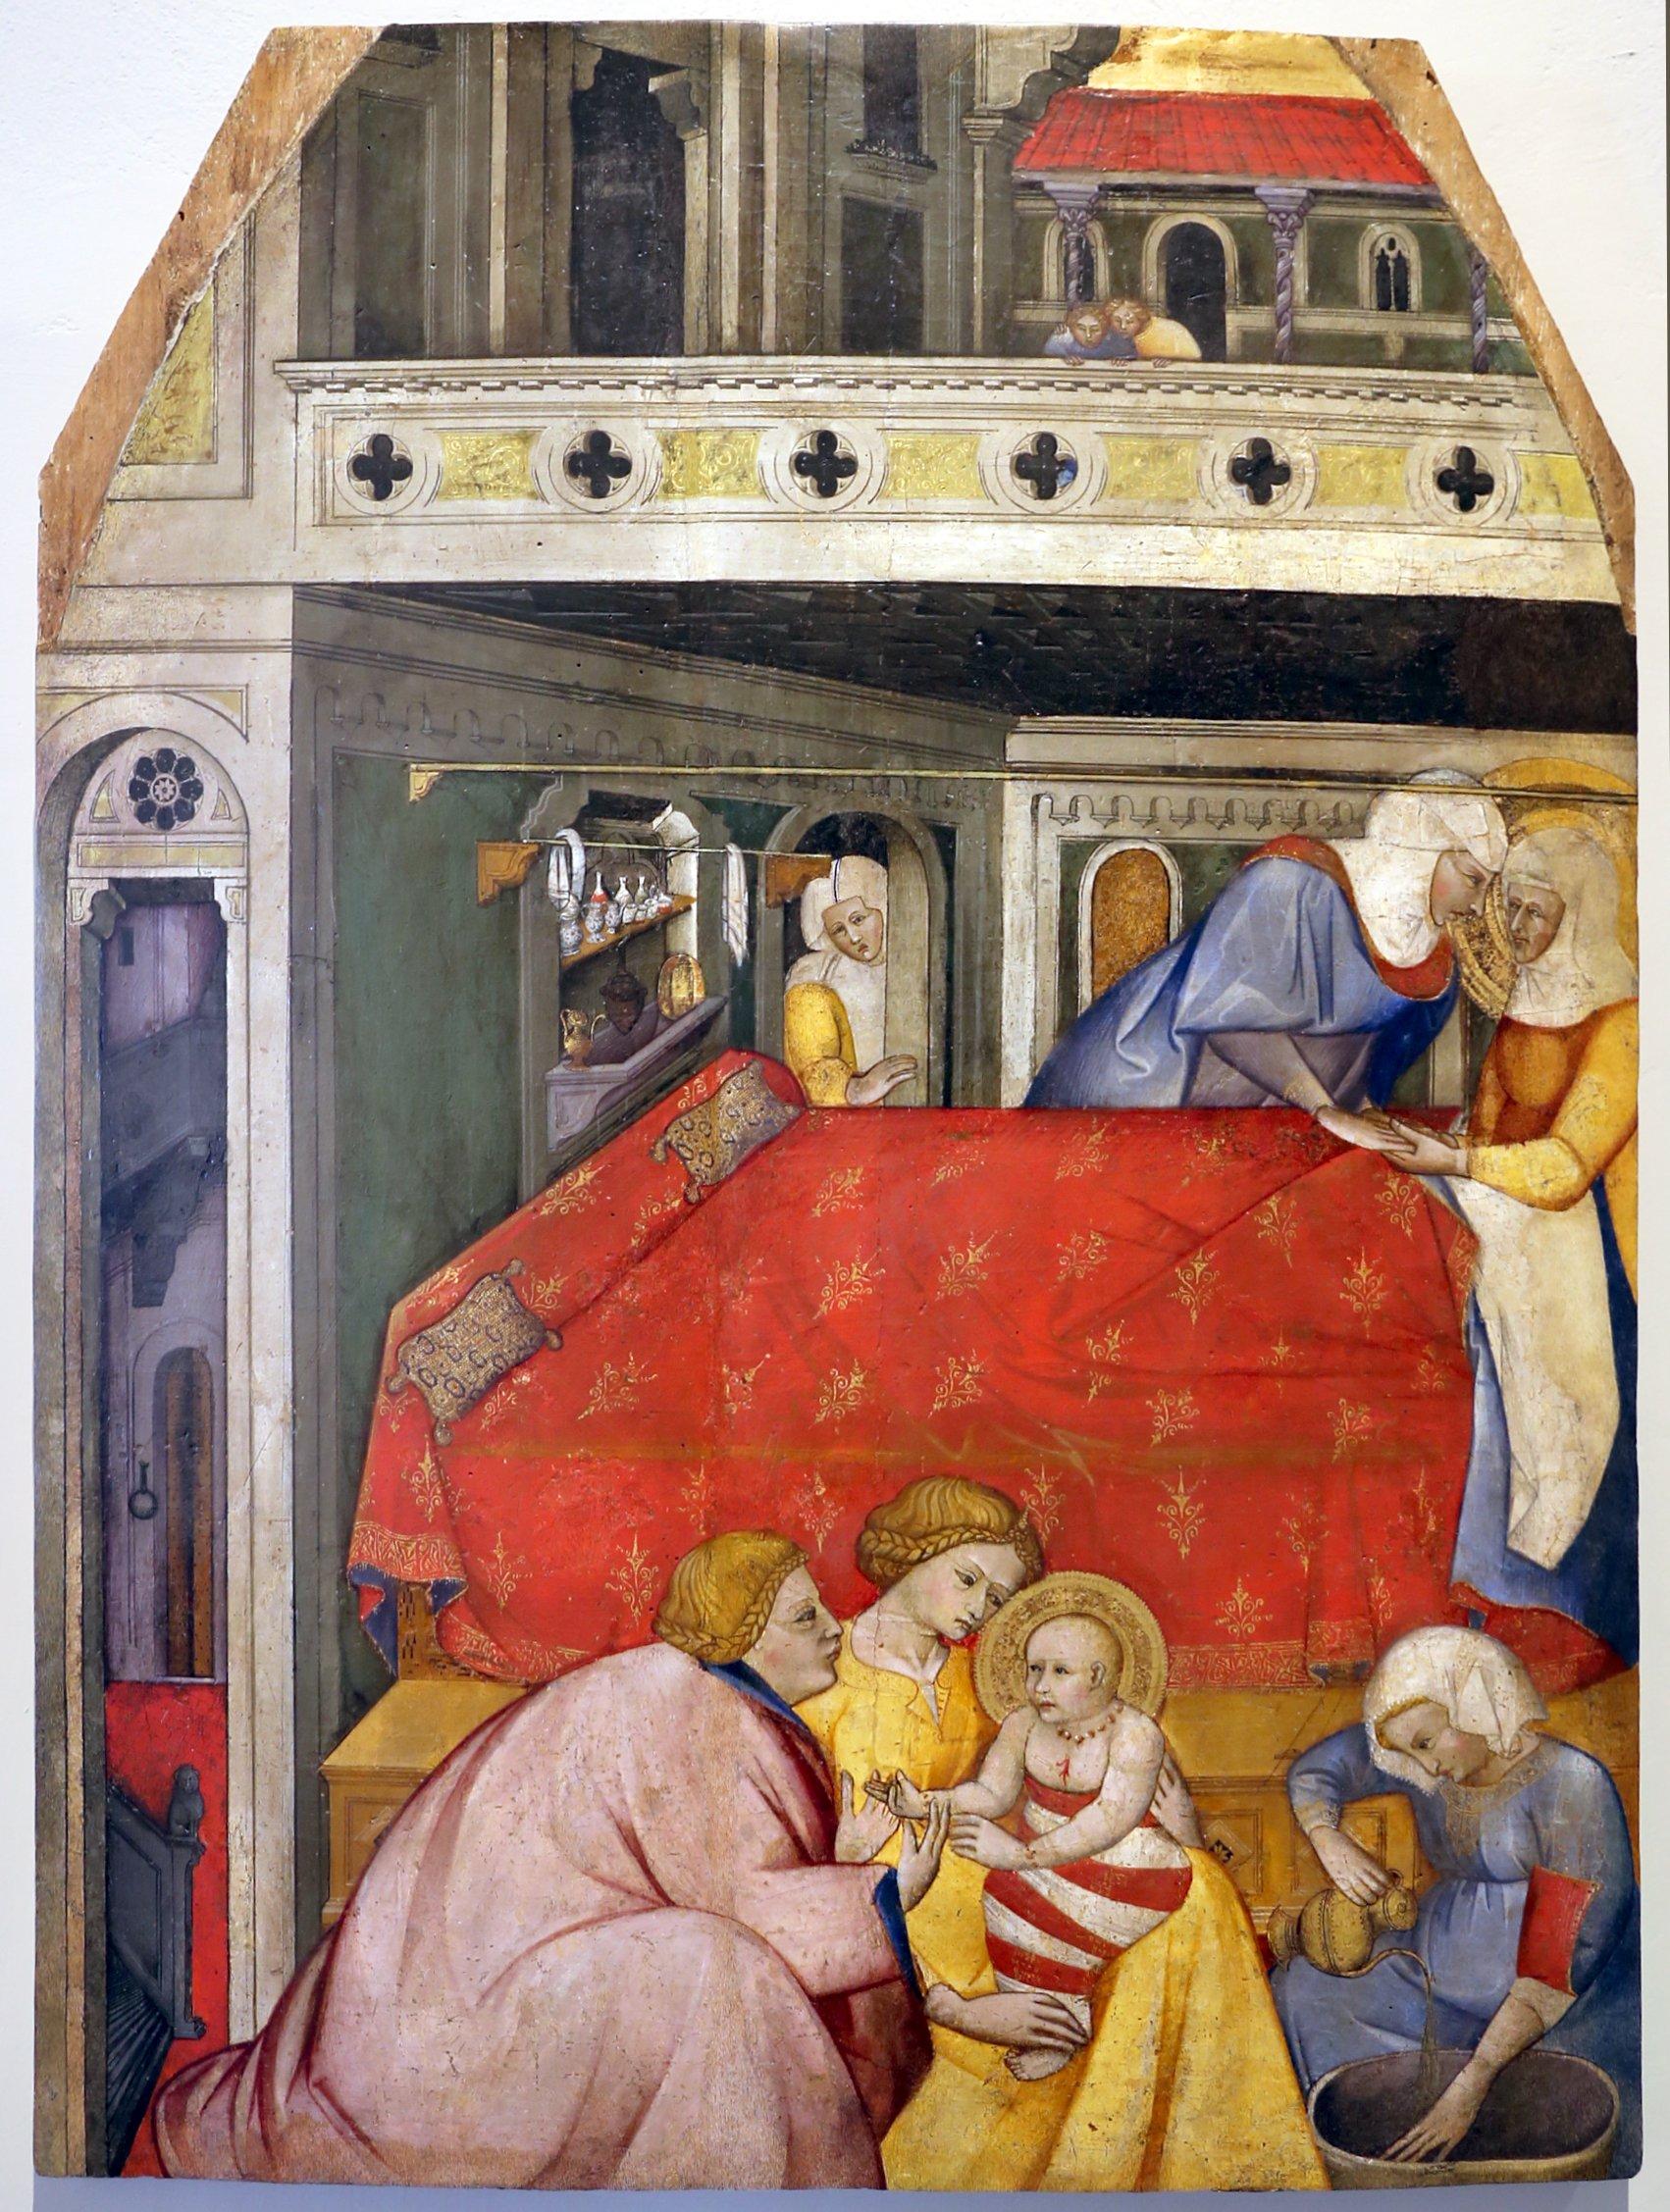 Cennino cennini, natività di maria, 1390-1410, leonardo da vince blog, art blog